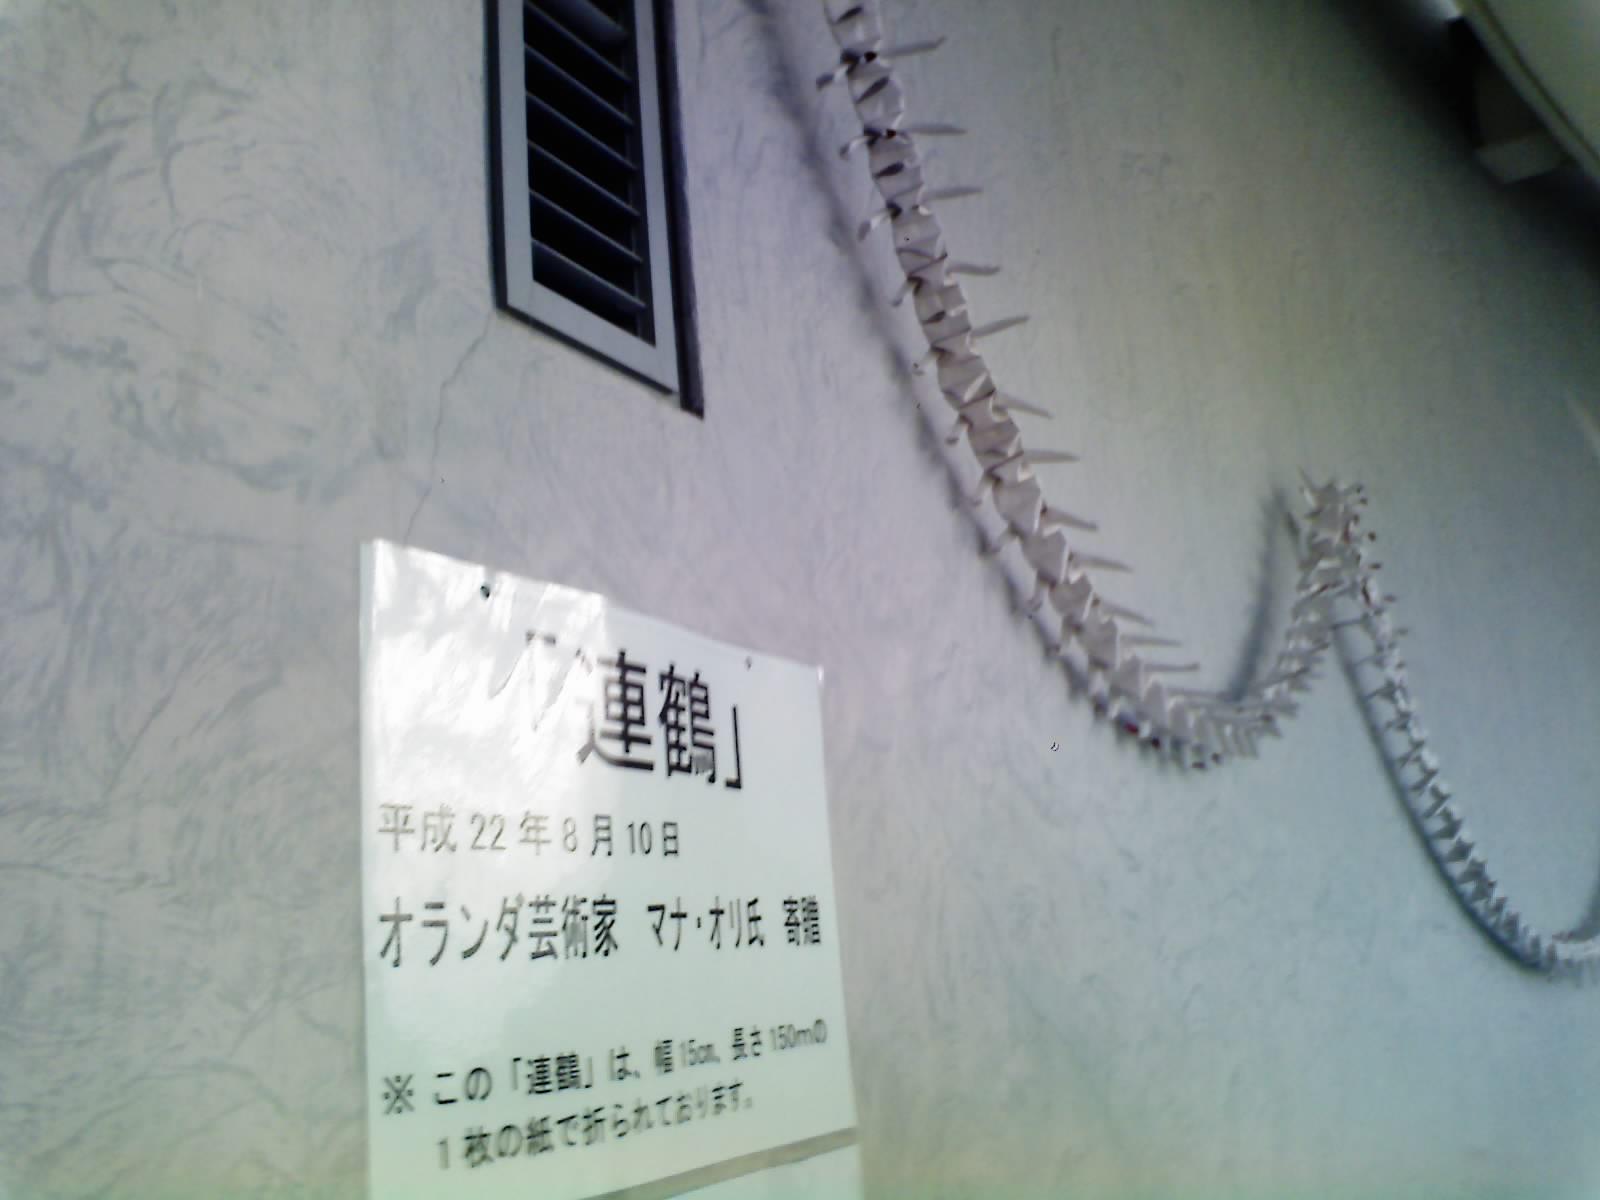 12-10-12_003.jpg